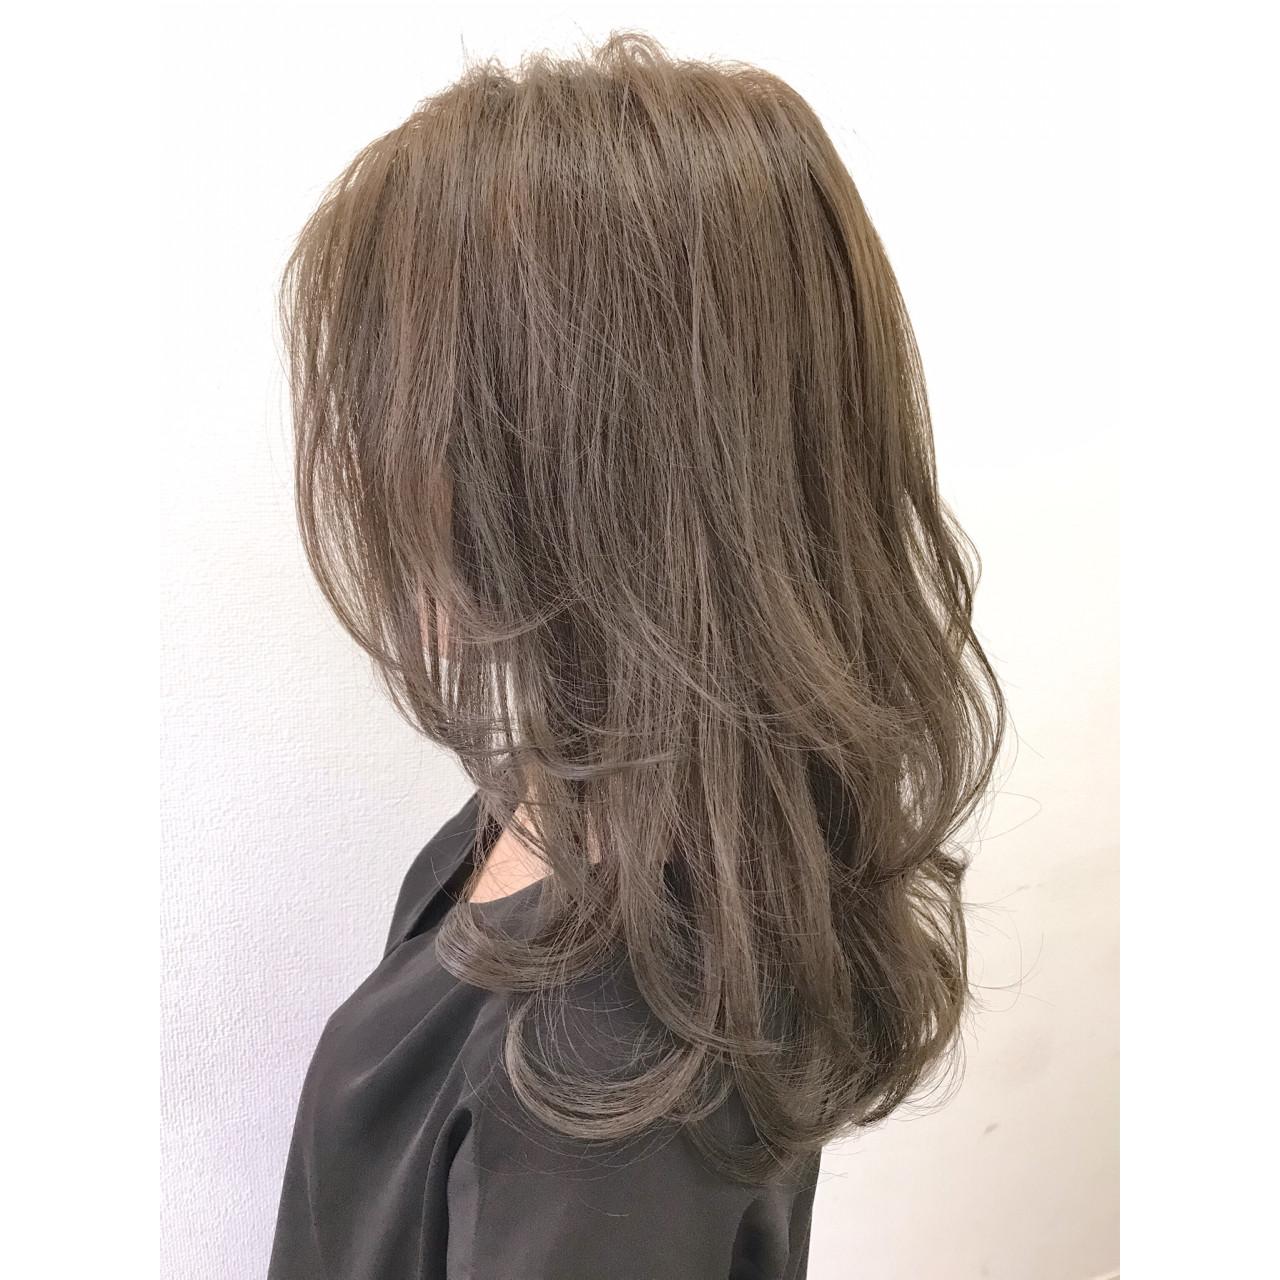 グレージュ リラックス アッシュ ウェーブ ヘアスタイルや髪型の写真・画像 | 山本裕之 / rewrite